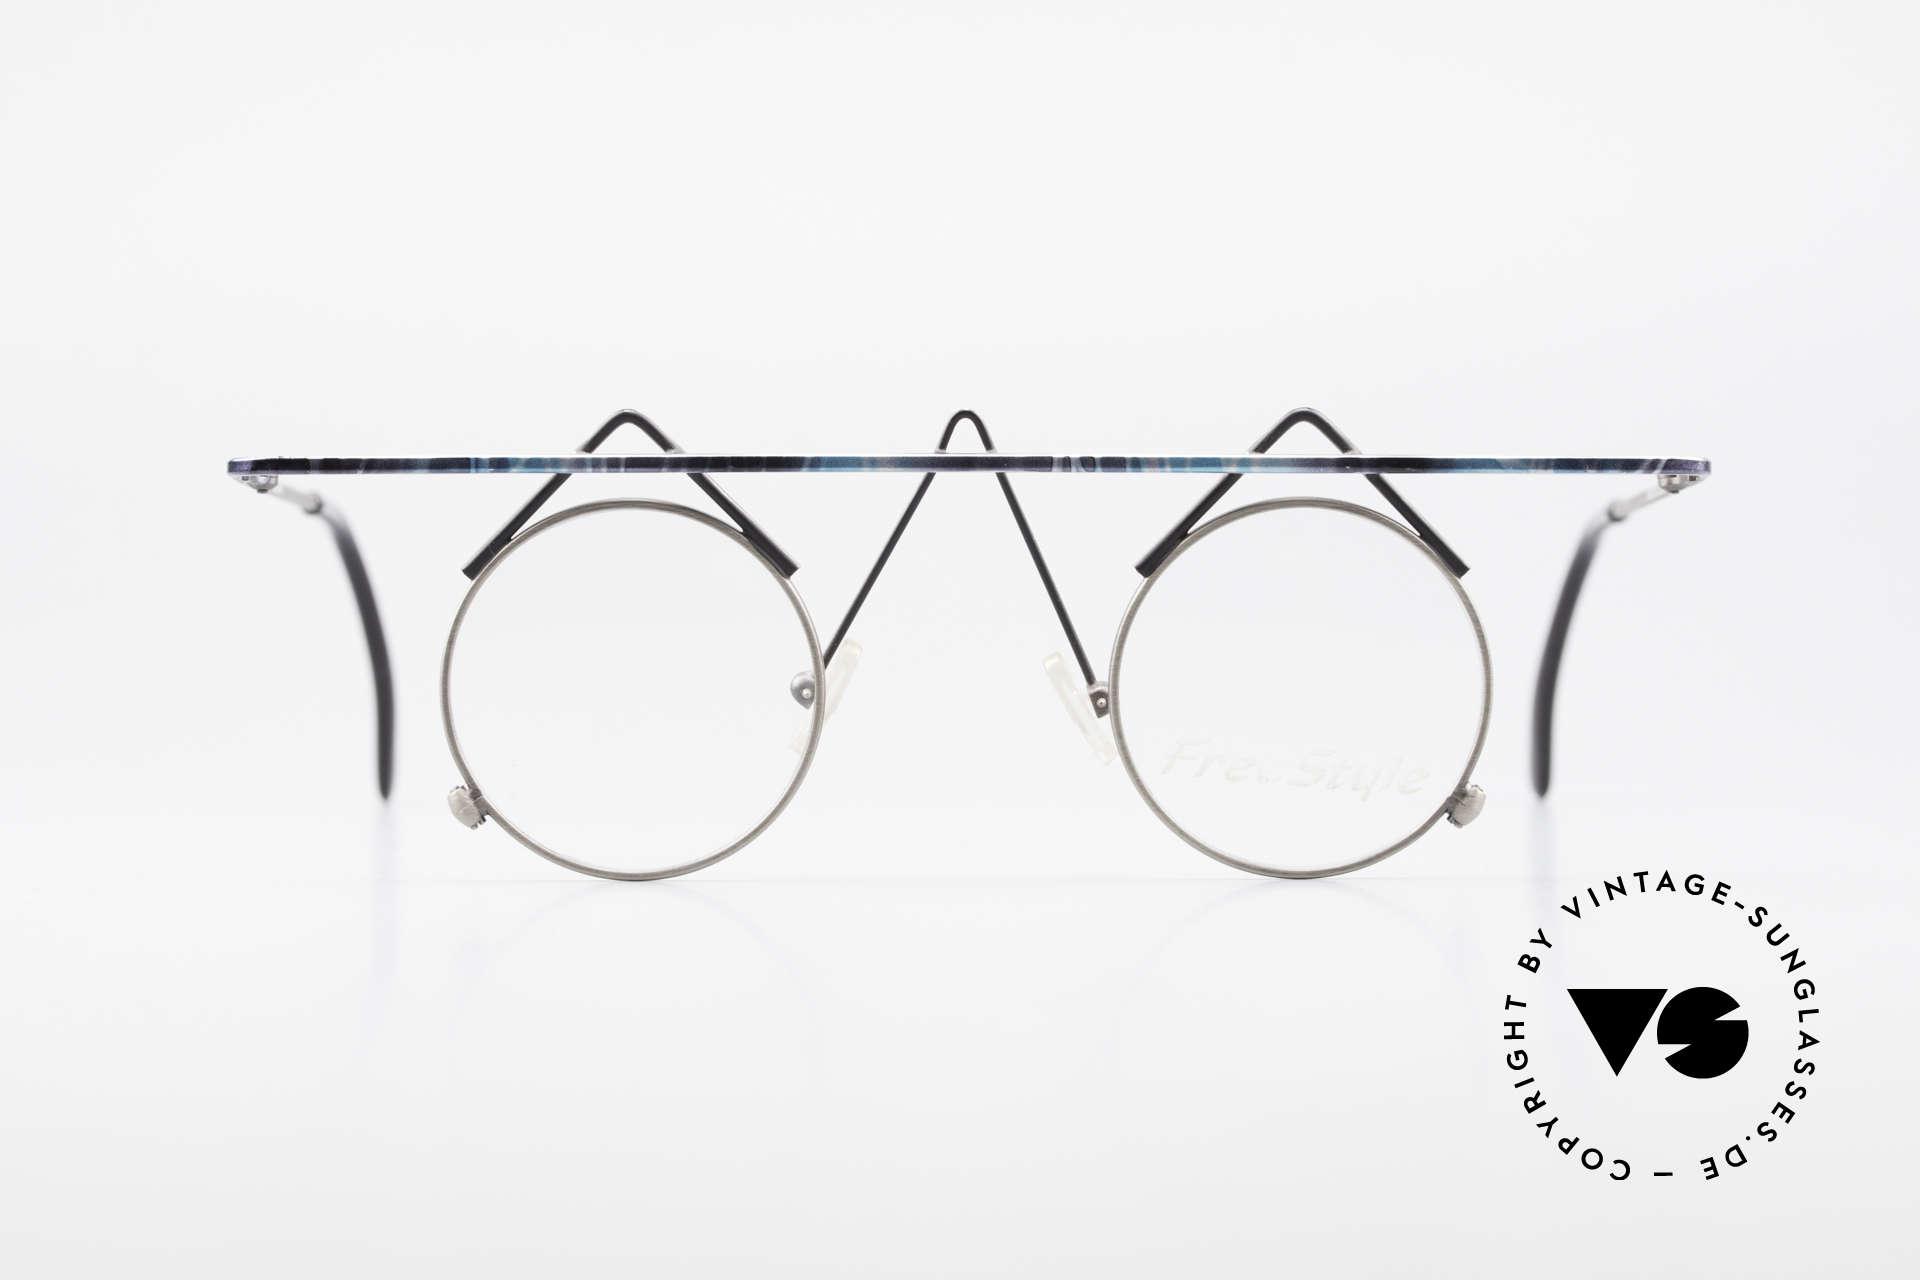 Argenta Crazy 705 Verrückte Vintage Fassung, kunstvolle vintage Brille; alles andere als Mainstream, Passend für Damen